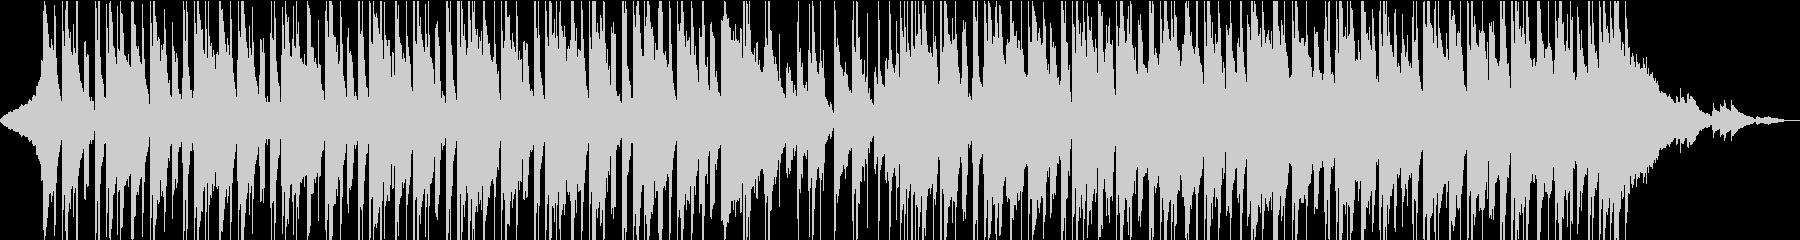 ティーン ポップ テクノ ブルース...の未再生の波形